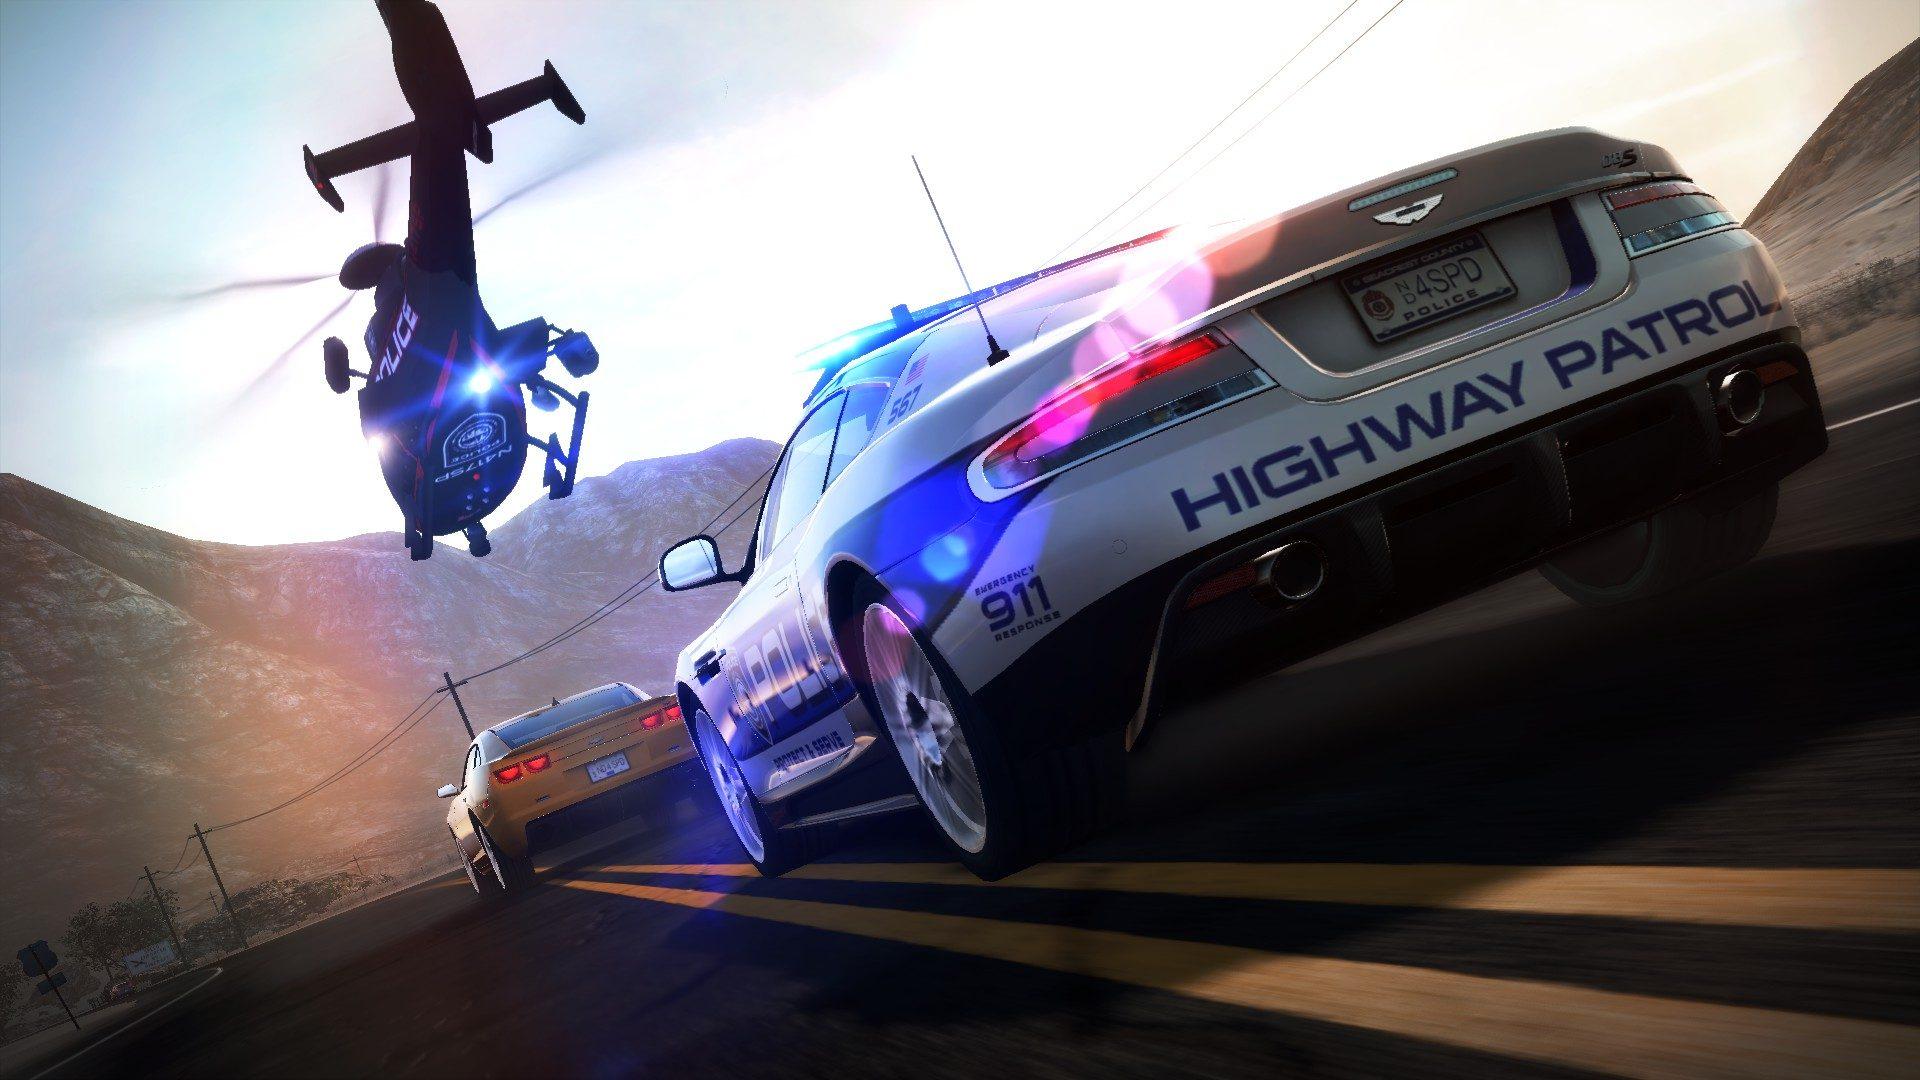 Nfs Hot Pursuit 2010 Pc Master Race Edition 3